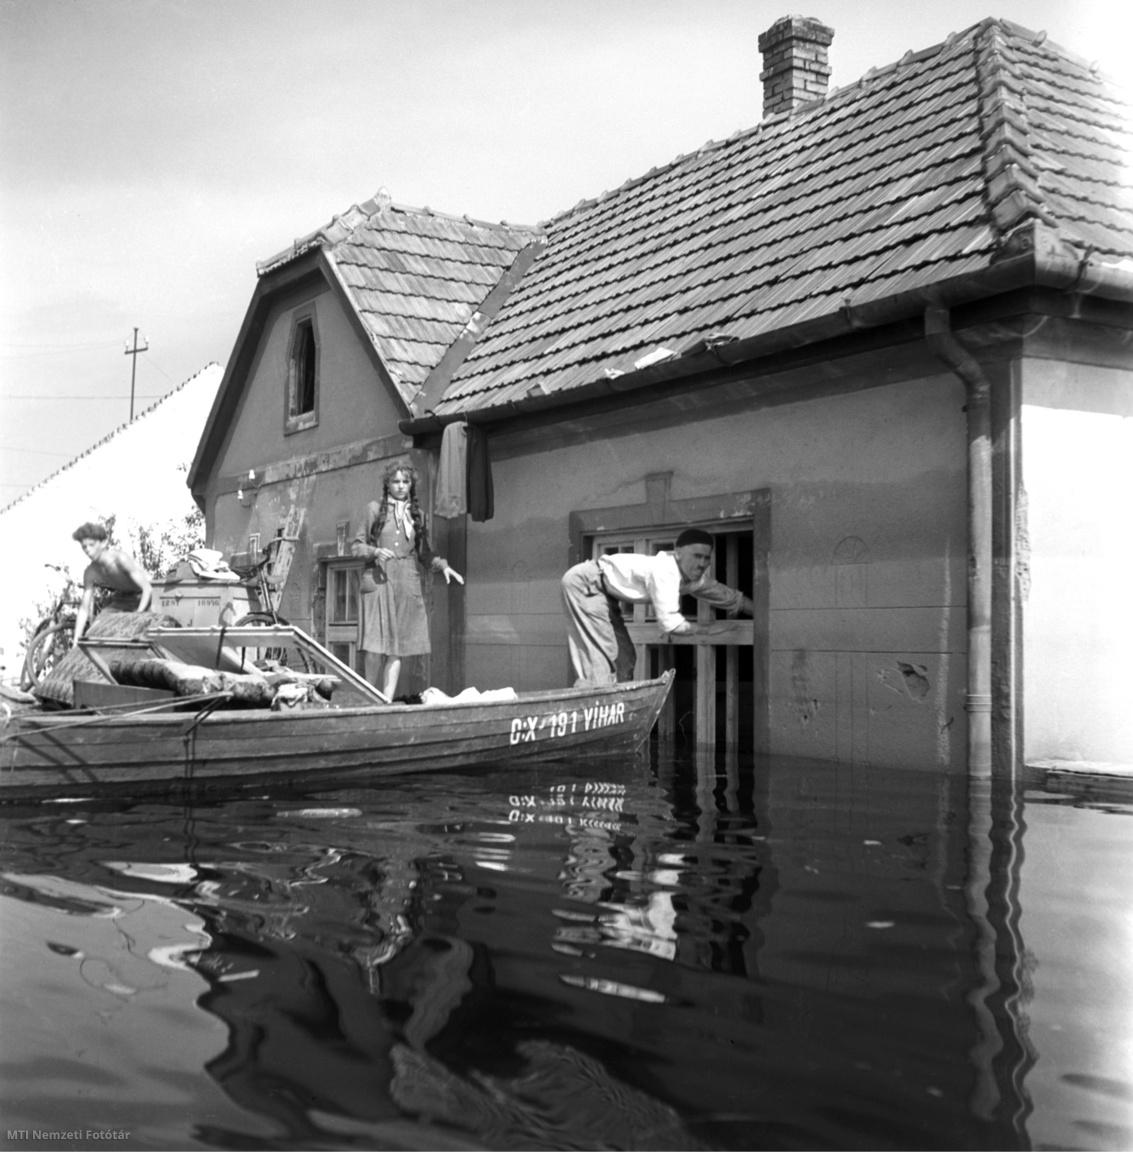 Csónakkal segítik a mentést a vízben álló házakból a júliusi árvíz idején Győr-Révfalu községben 1954. július 25-én.